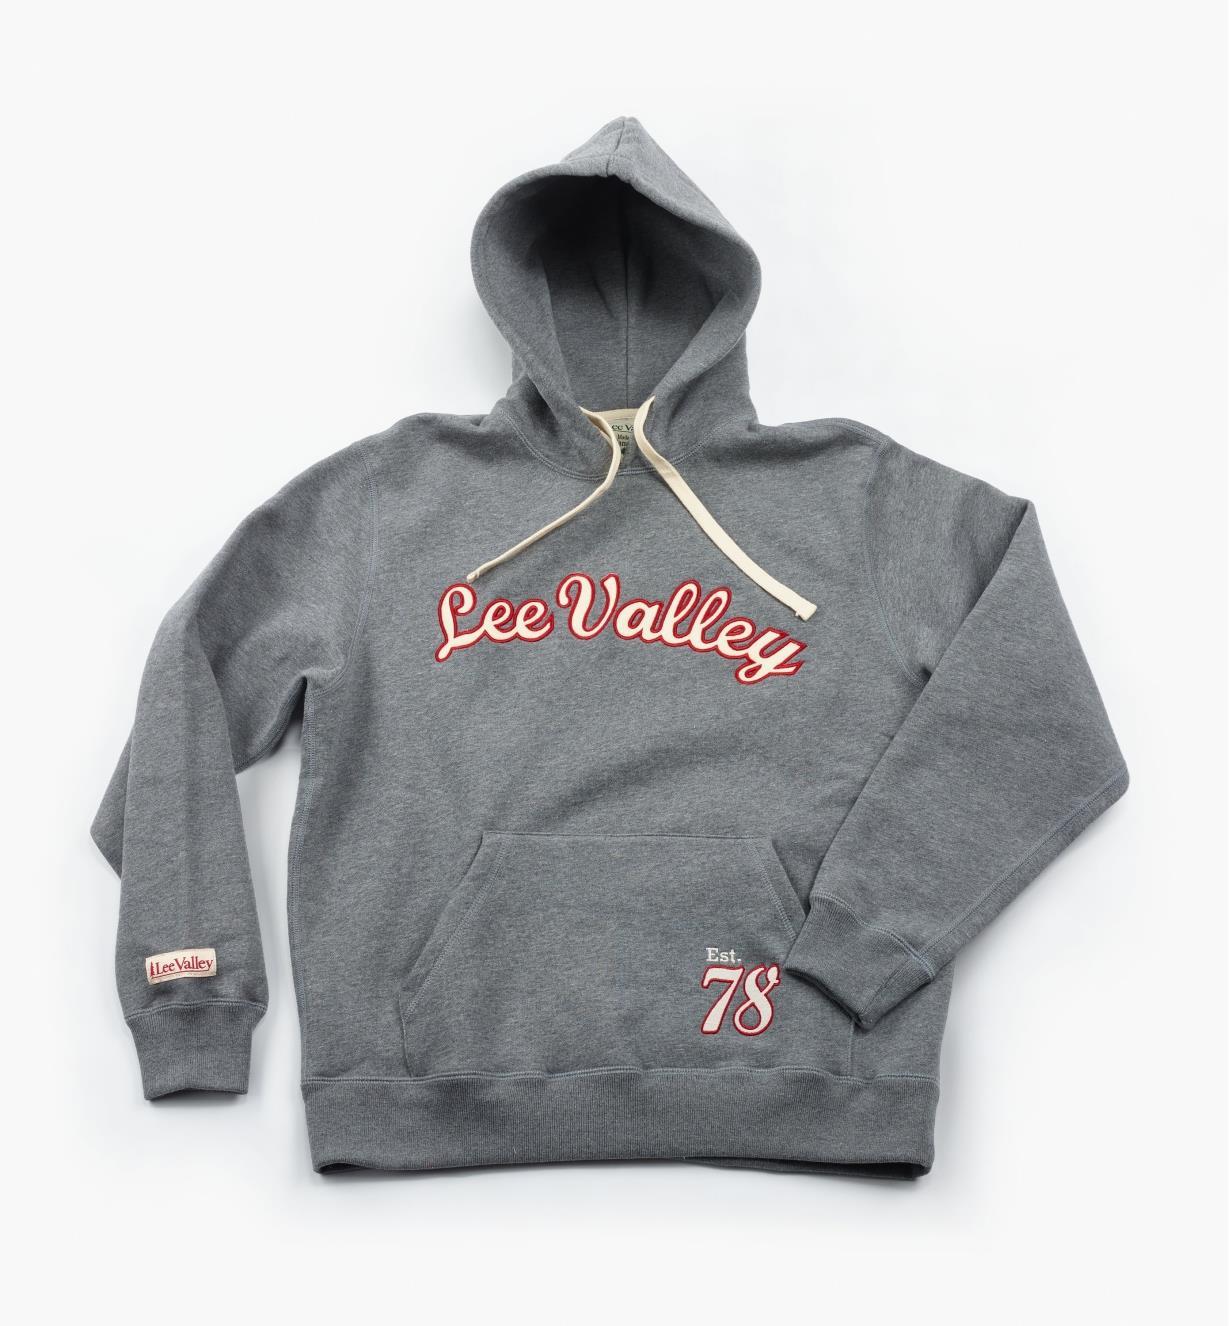 """67K6752 - Medium (42""""-44"""") Gray Lee Valley Pullover Hooded Sweatshirt"""